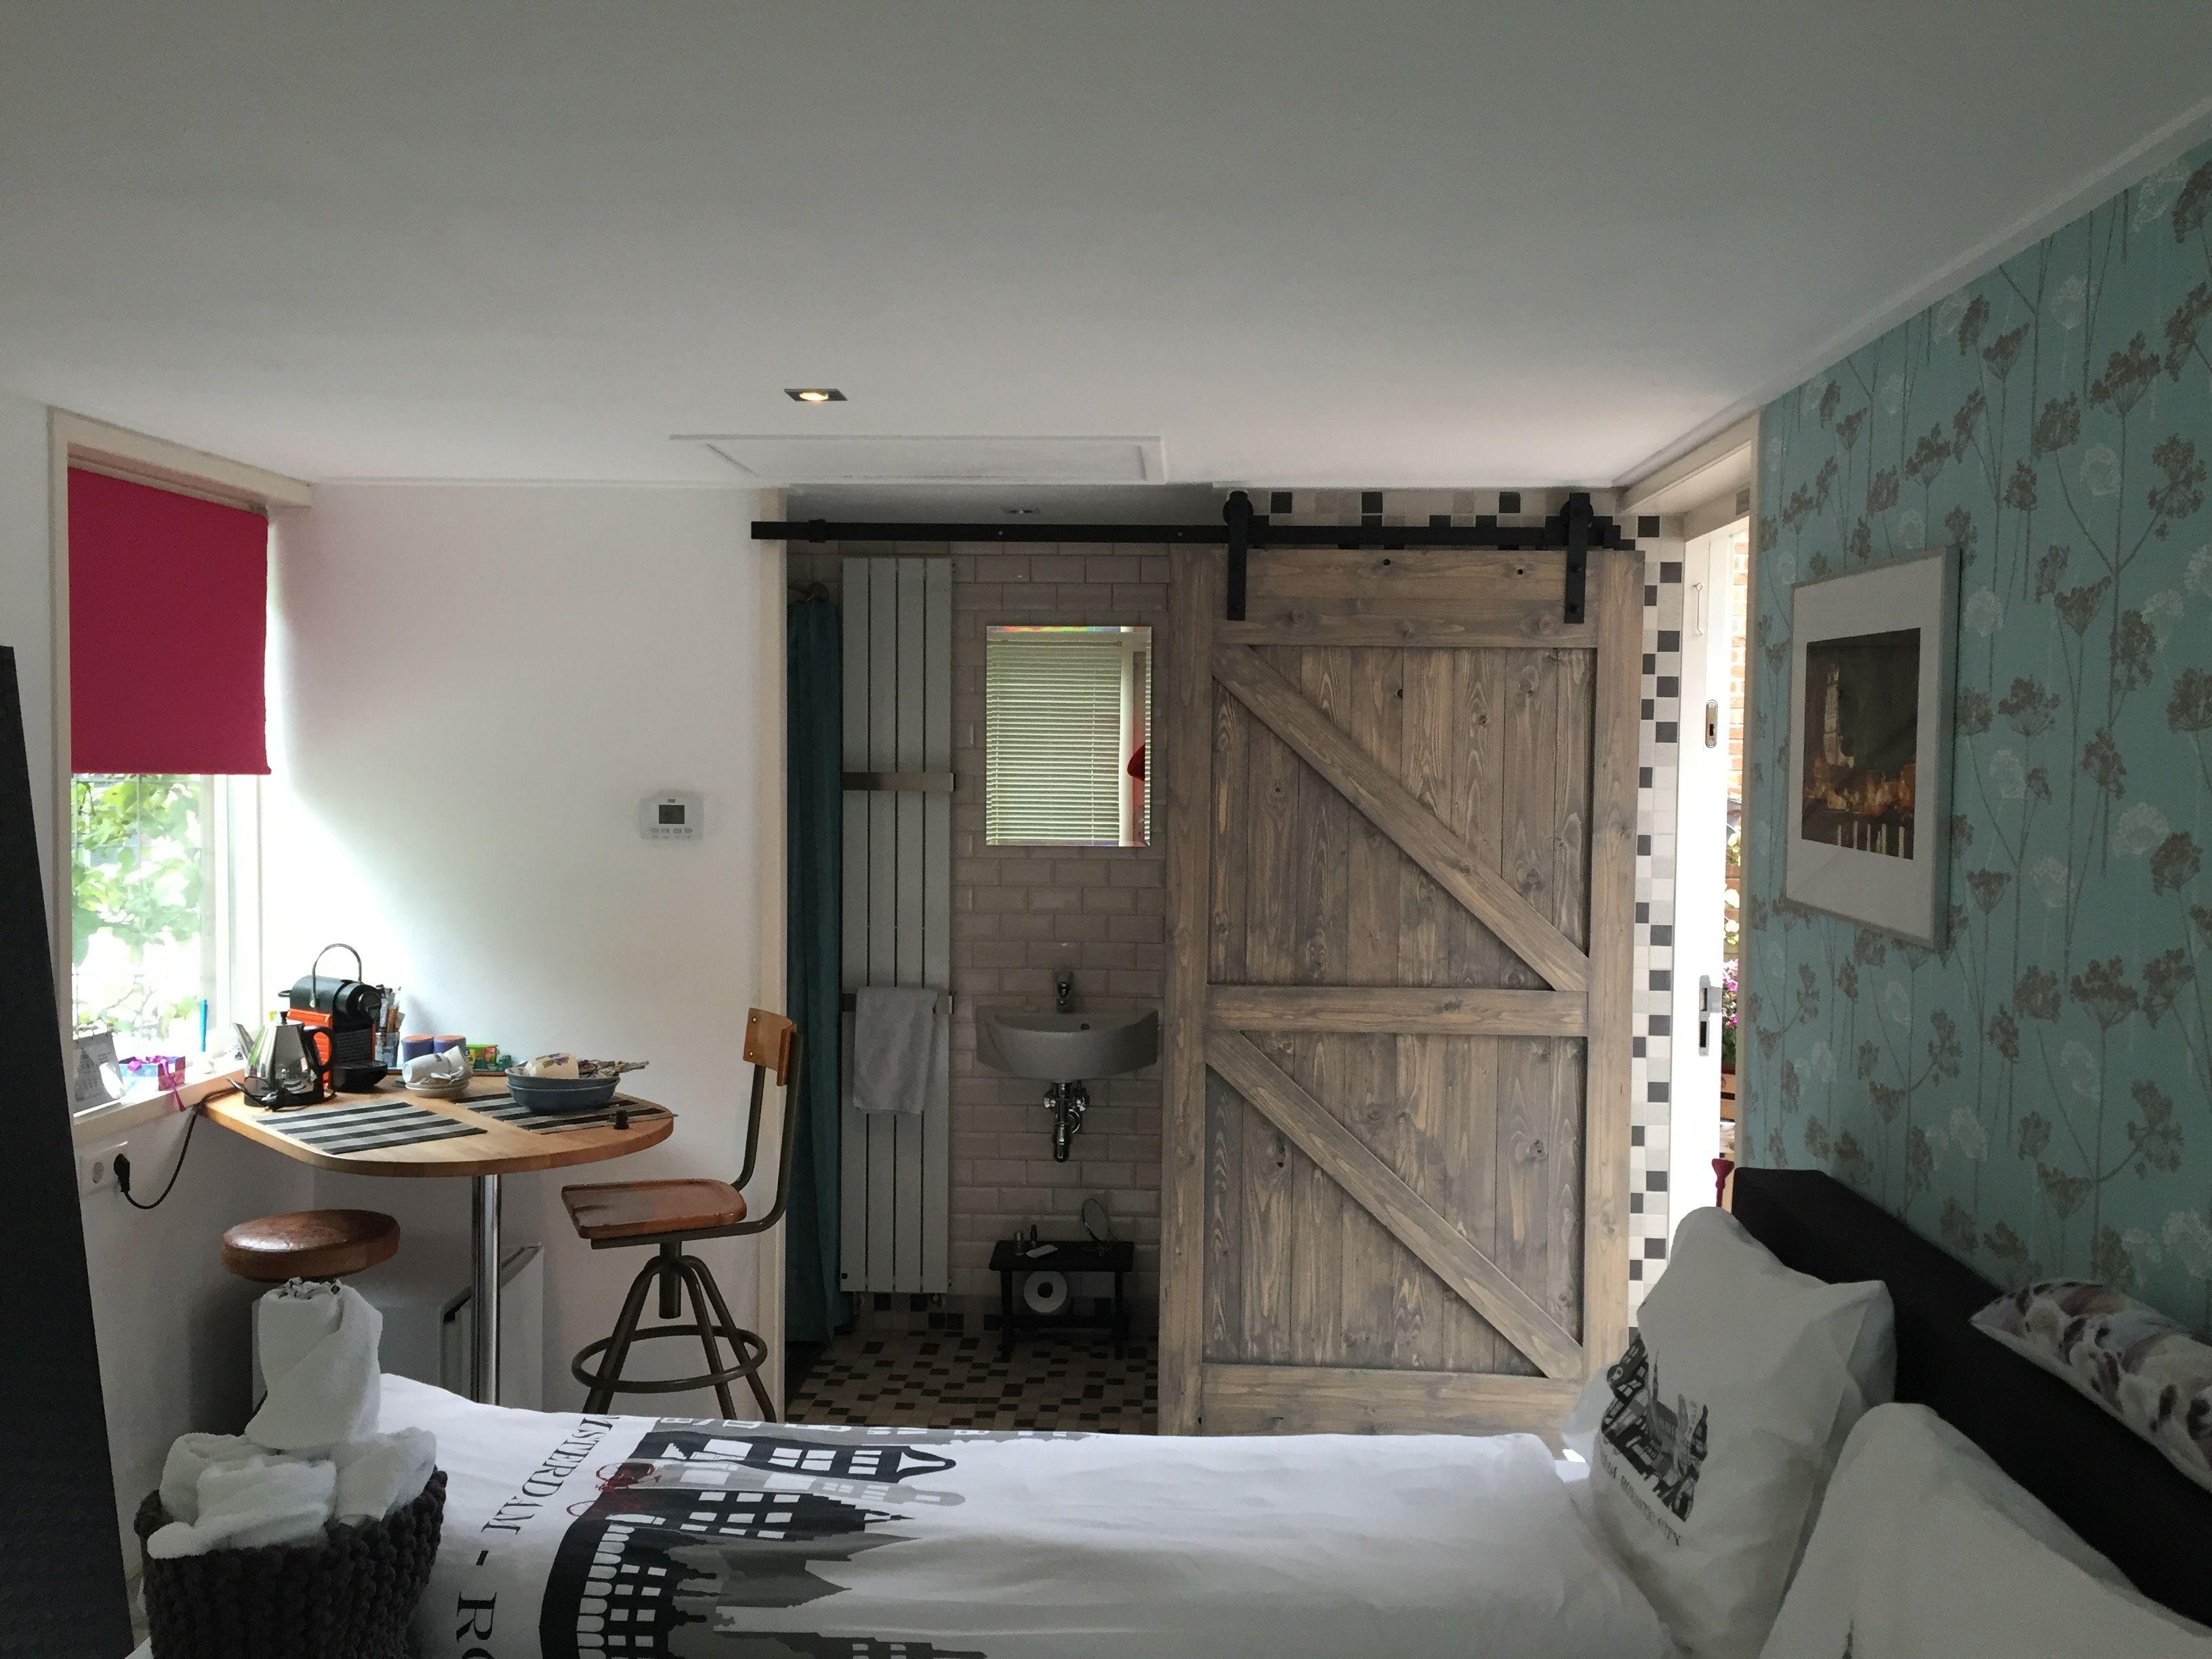 Rails Schuifdeuren Zolder.Schuifdeursysteem Home Sweet Home Entryway Entryway Bench En Room